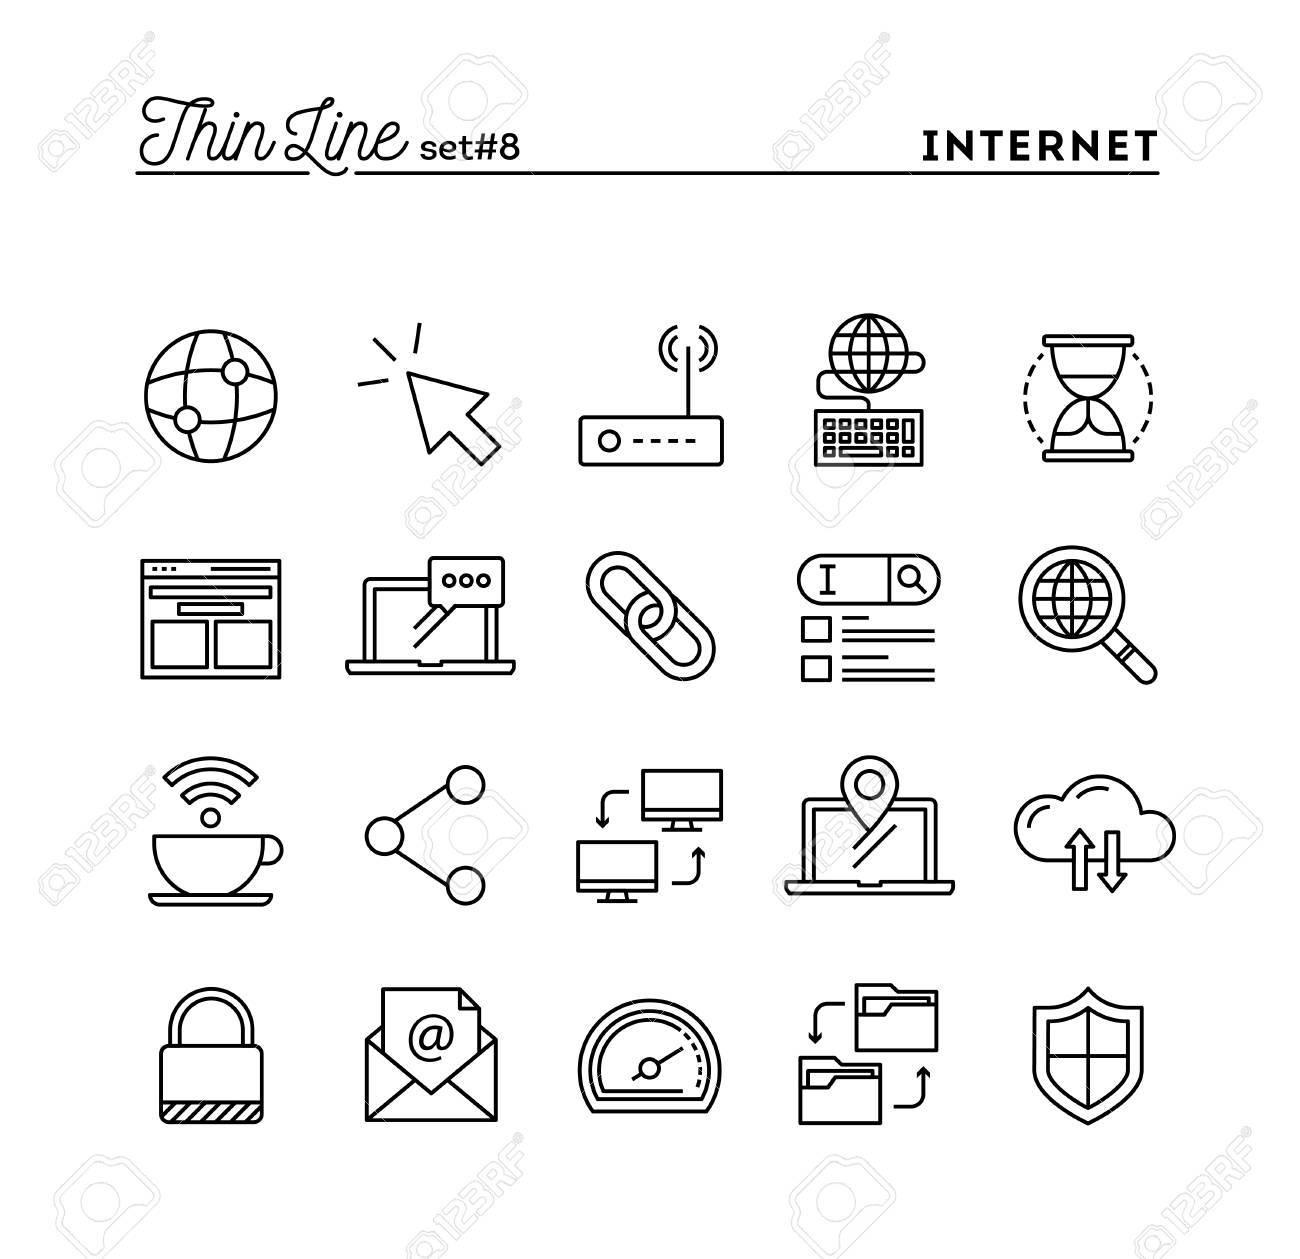 インターネット、グローバル ・ ネットワーク、クラウドコンピューテ